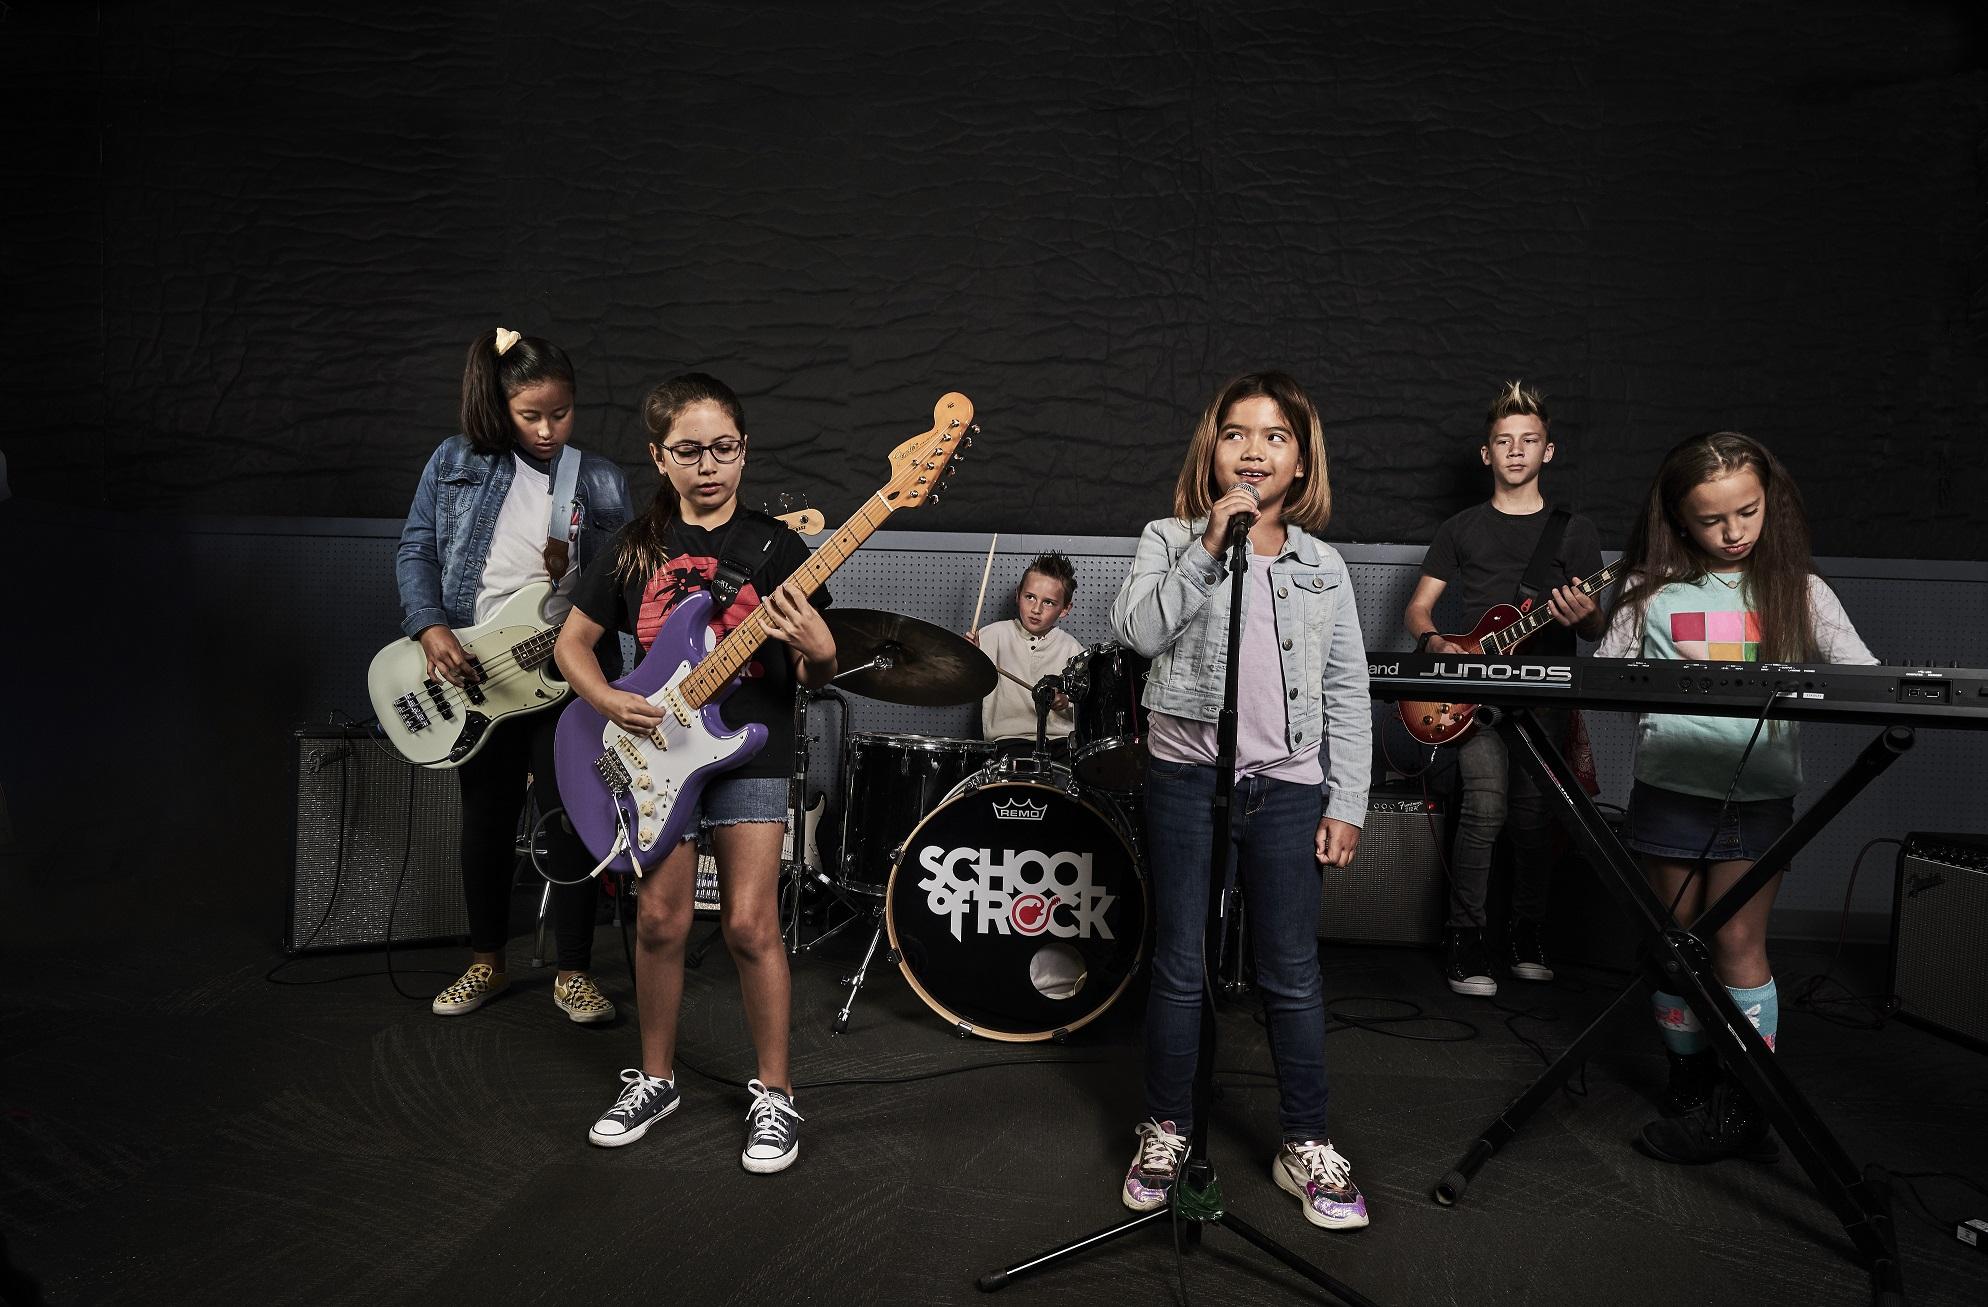 SCHOOL OF ROCK: INNOVACIÓN, EDUCACIÓN Y MÚSICA!